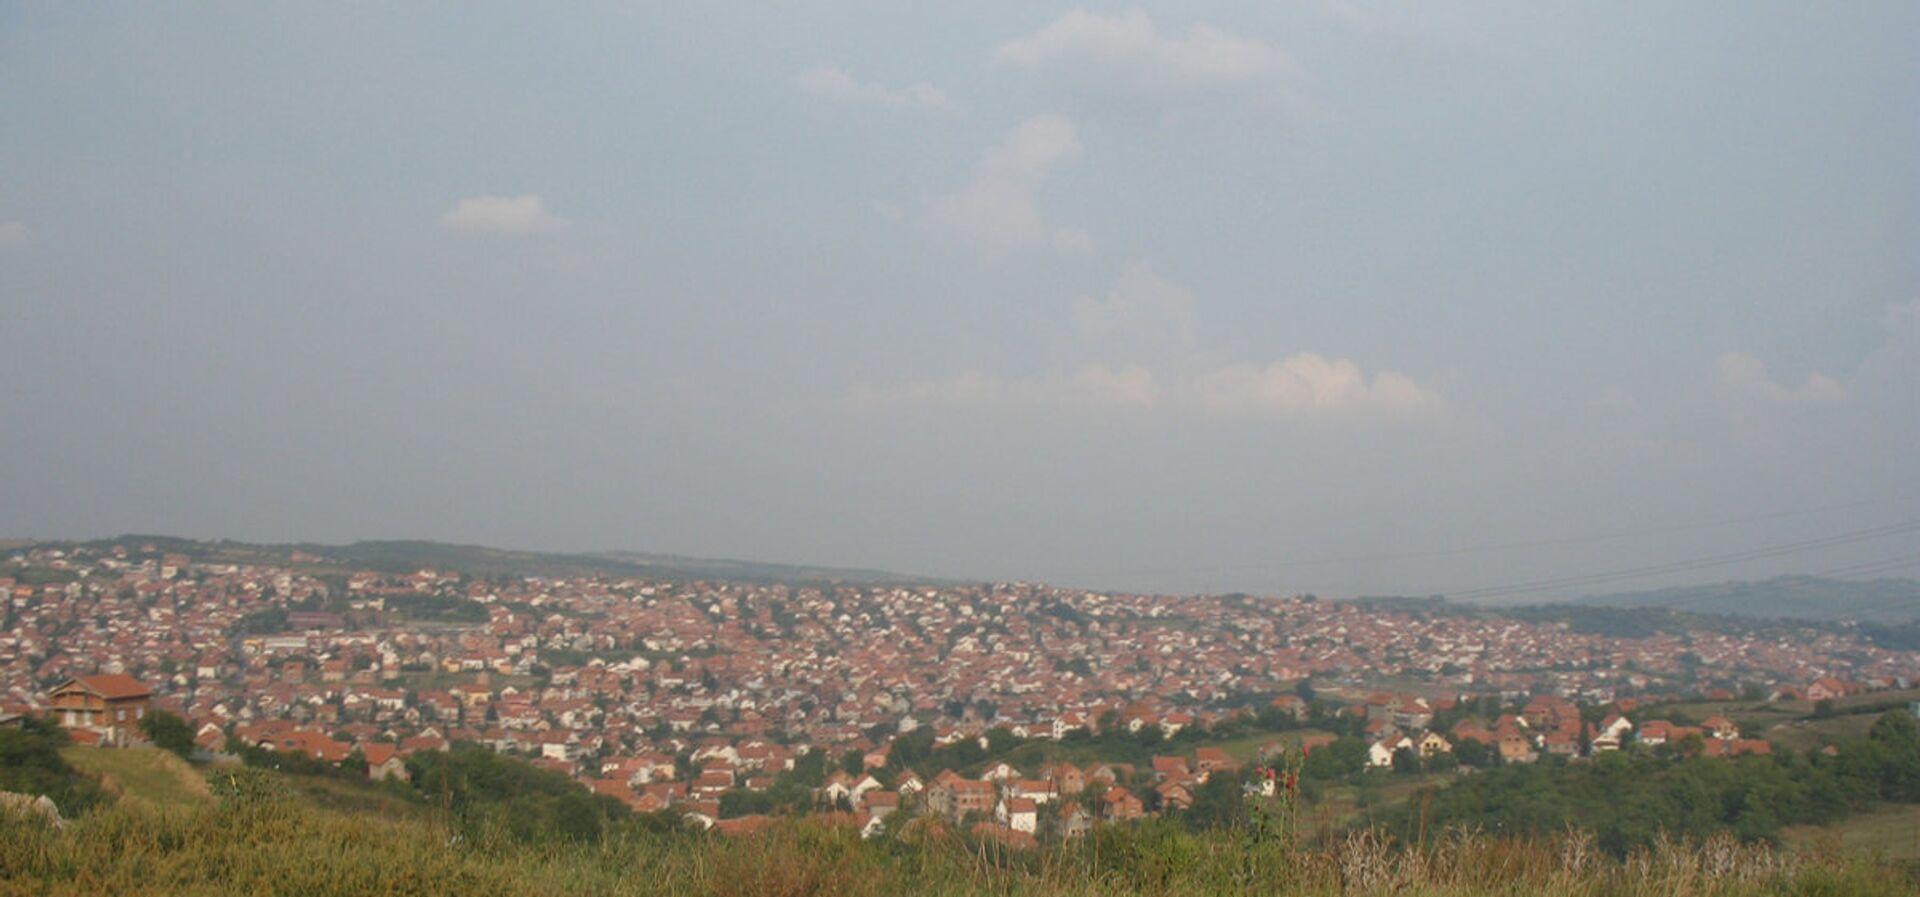 Насеље Калуђерица у општини Гроцка - Београд - Sputnik Србија, 1920, 25.09.2021